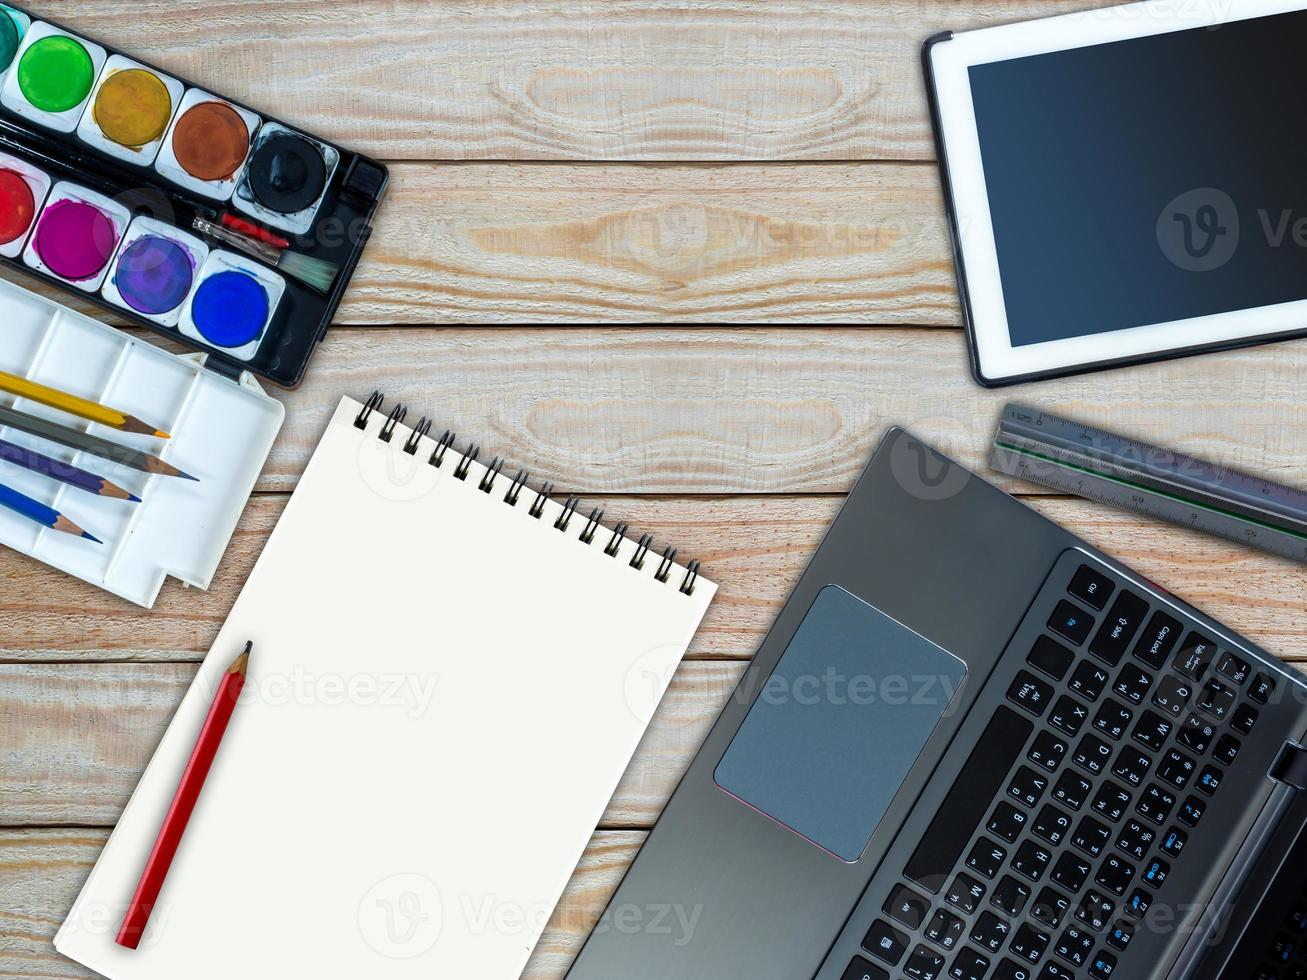 bärbar dator, surfplatta, skissbok, vattenfärg / kreativ kontorsutrustning koncept foto